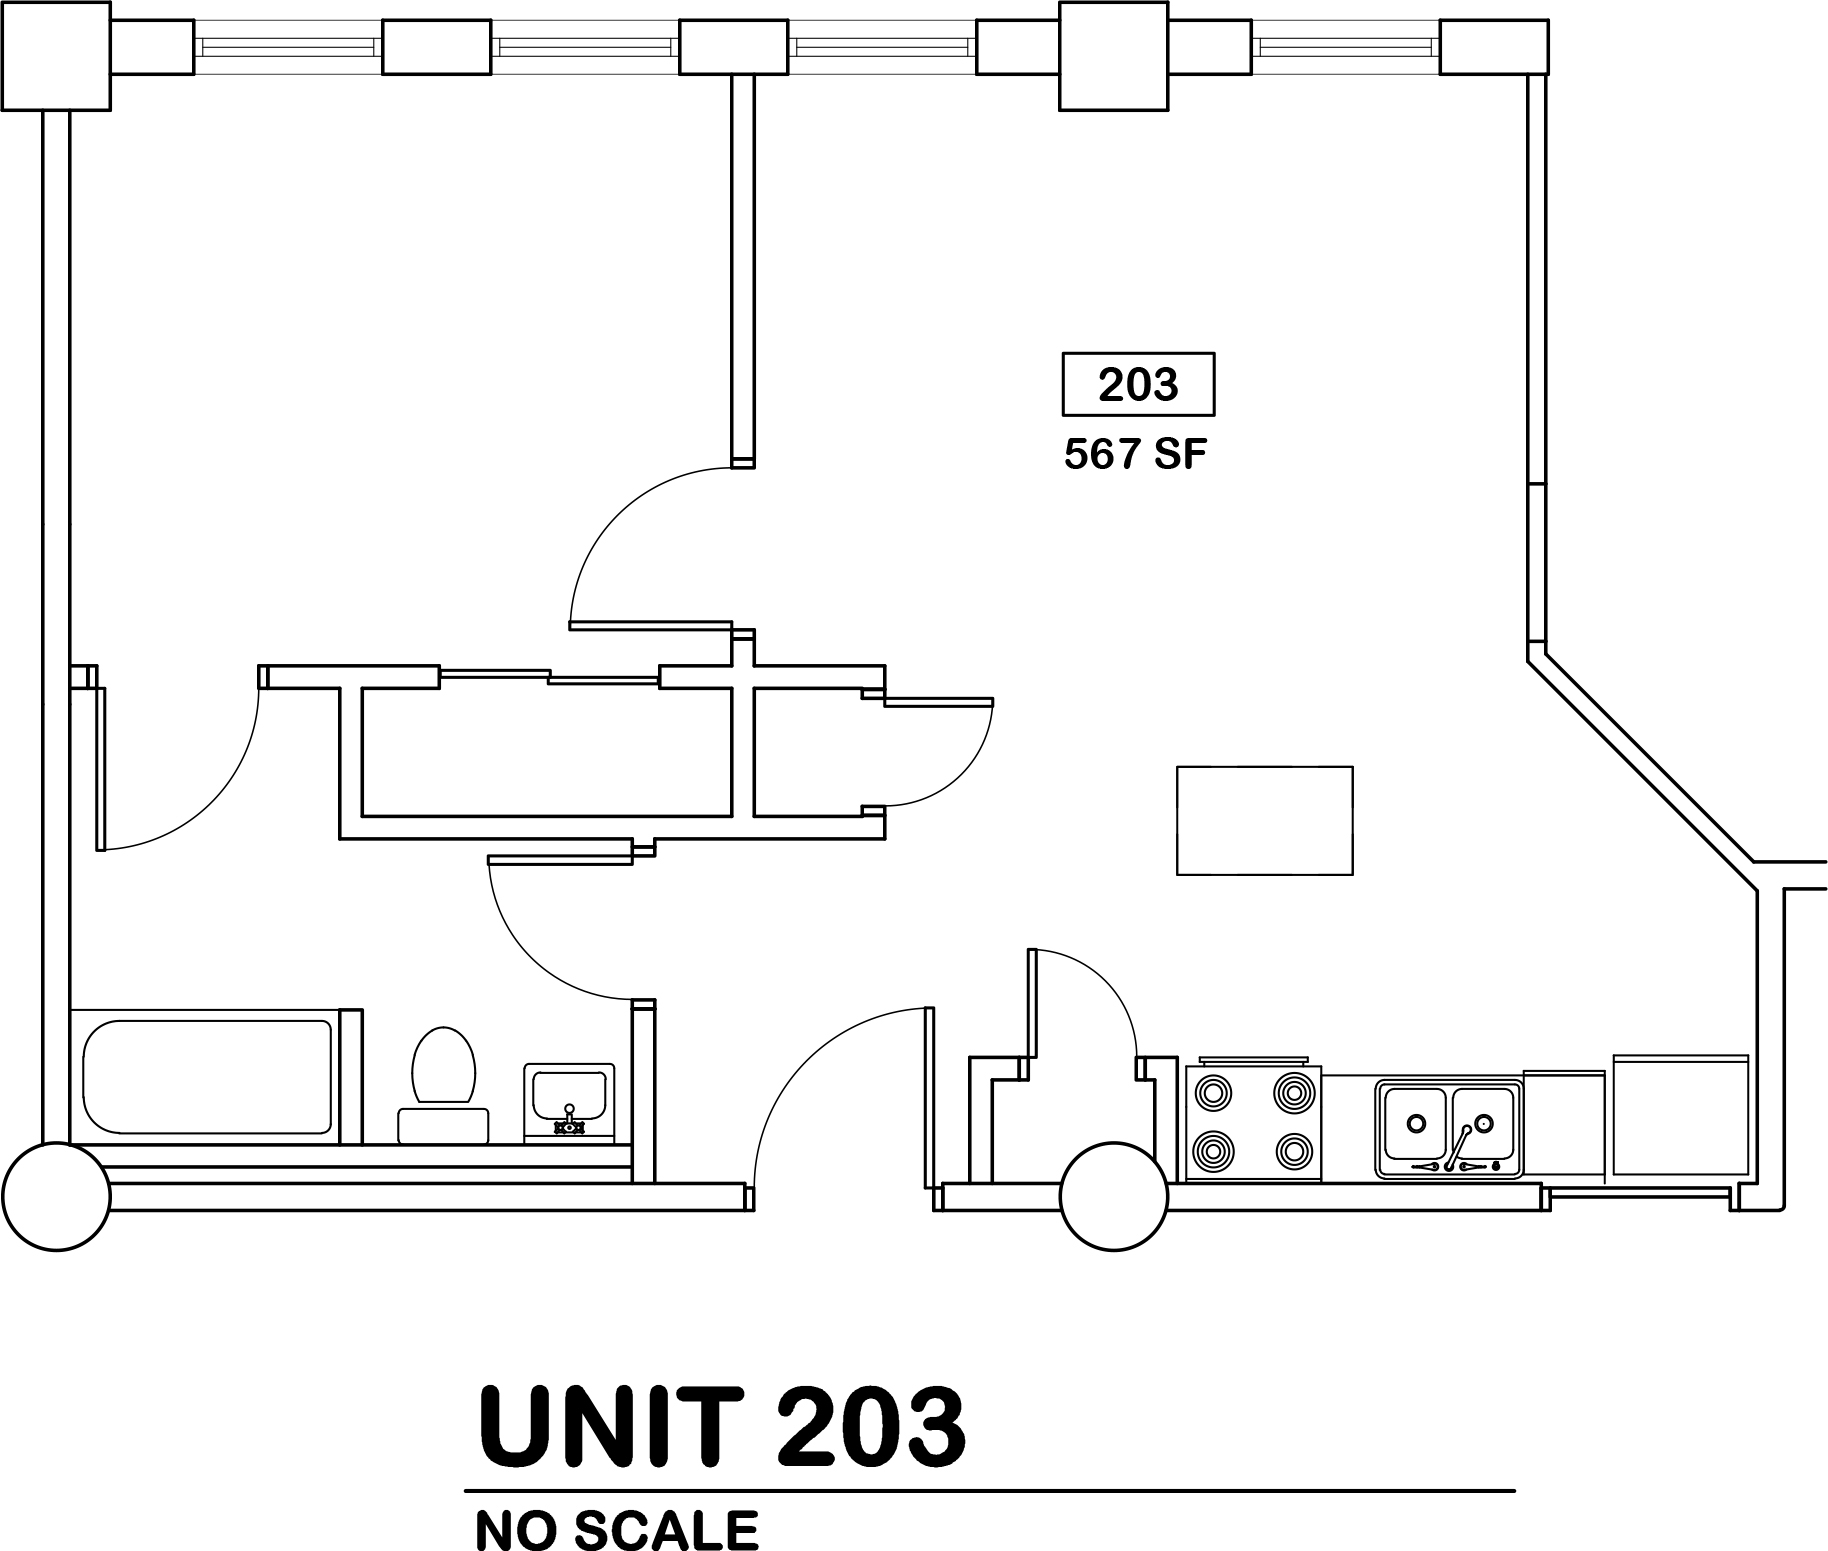 1 bed / 1 bath   $690 / 567 sq ft